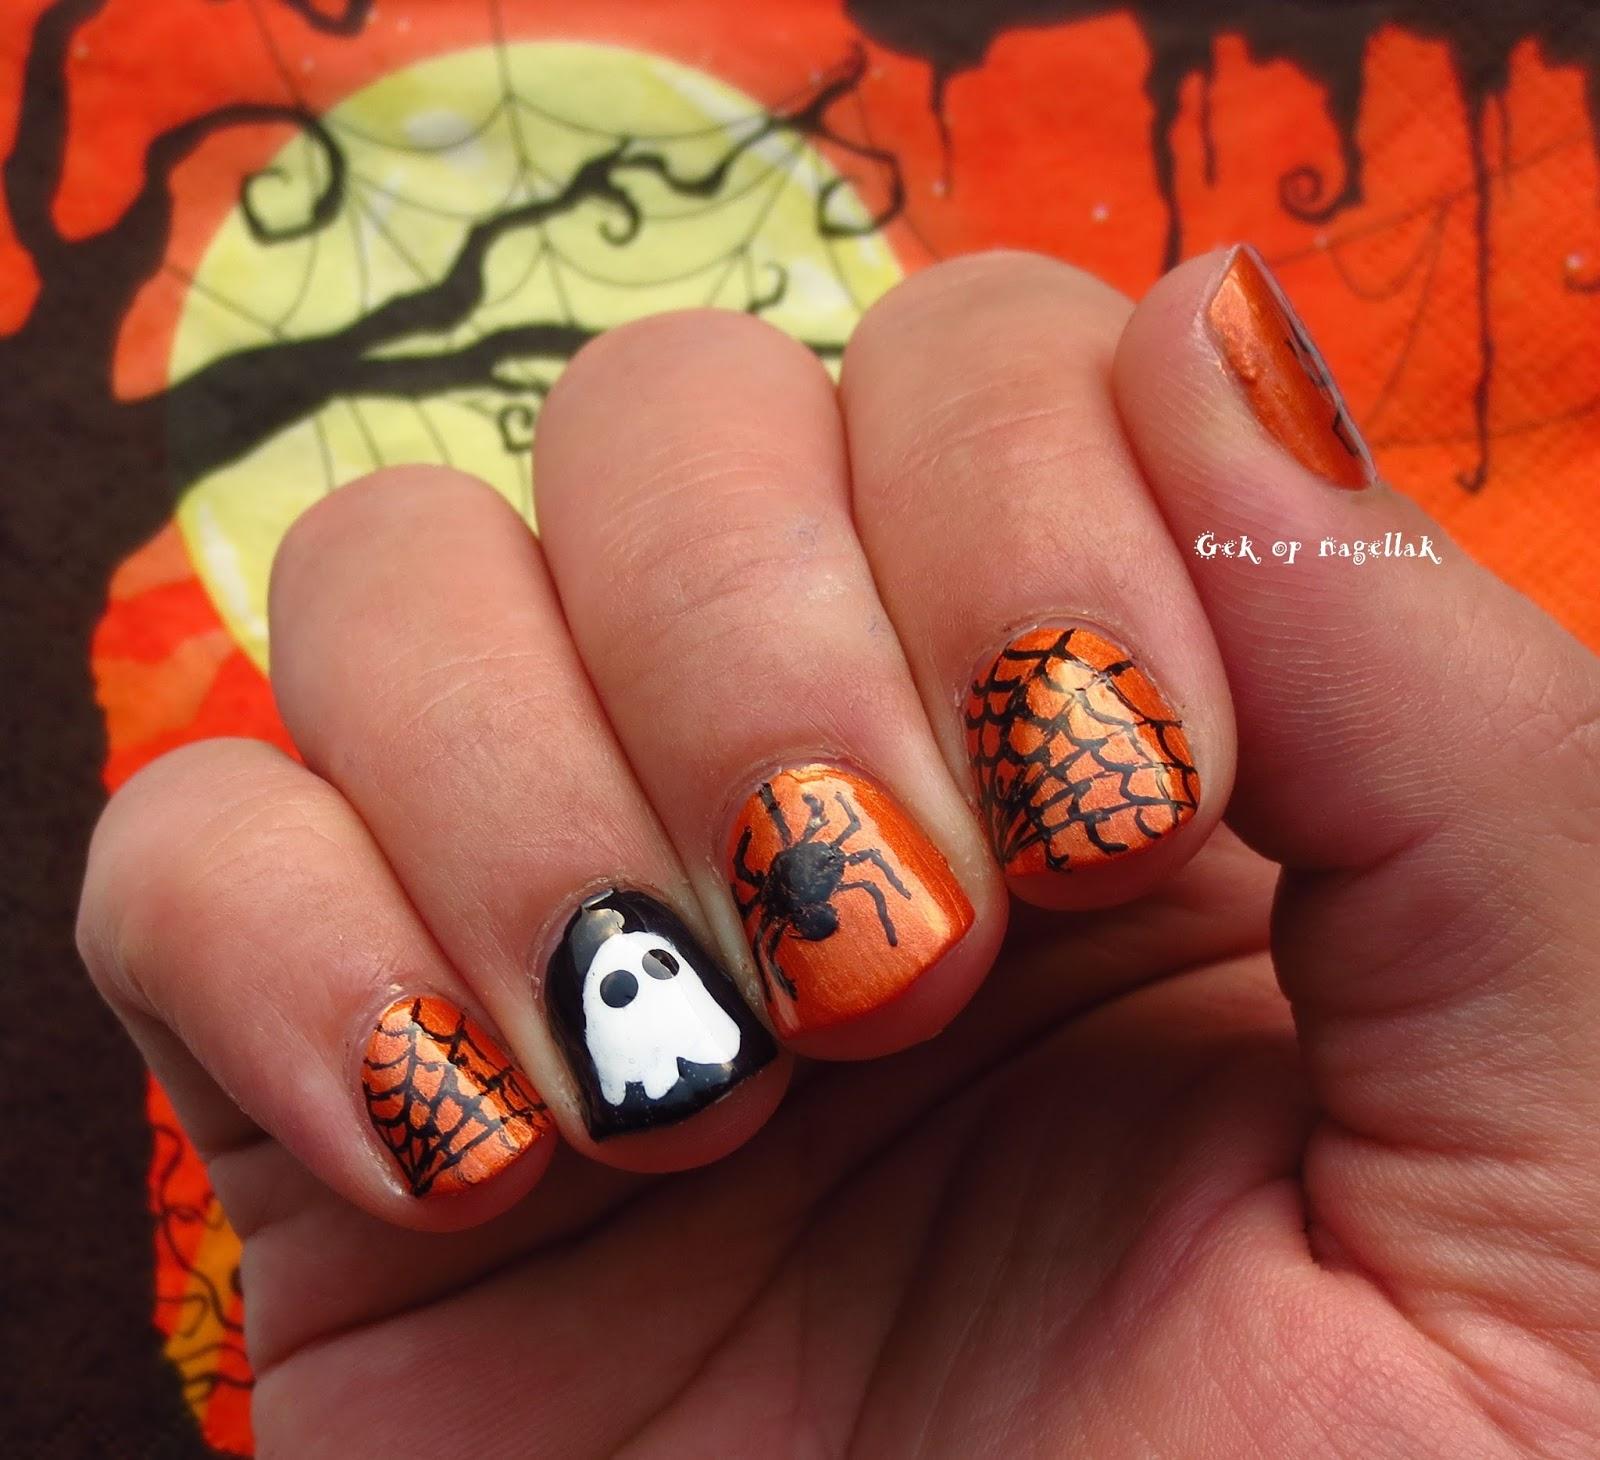 Halloween Figuurtjes Maken.Gek Op Nagellak Halloween Nail Art Bij Mijn Vriend